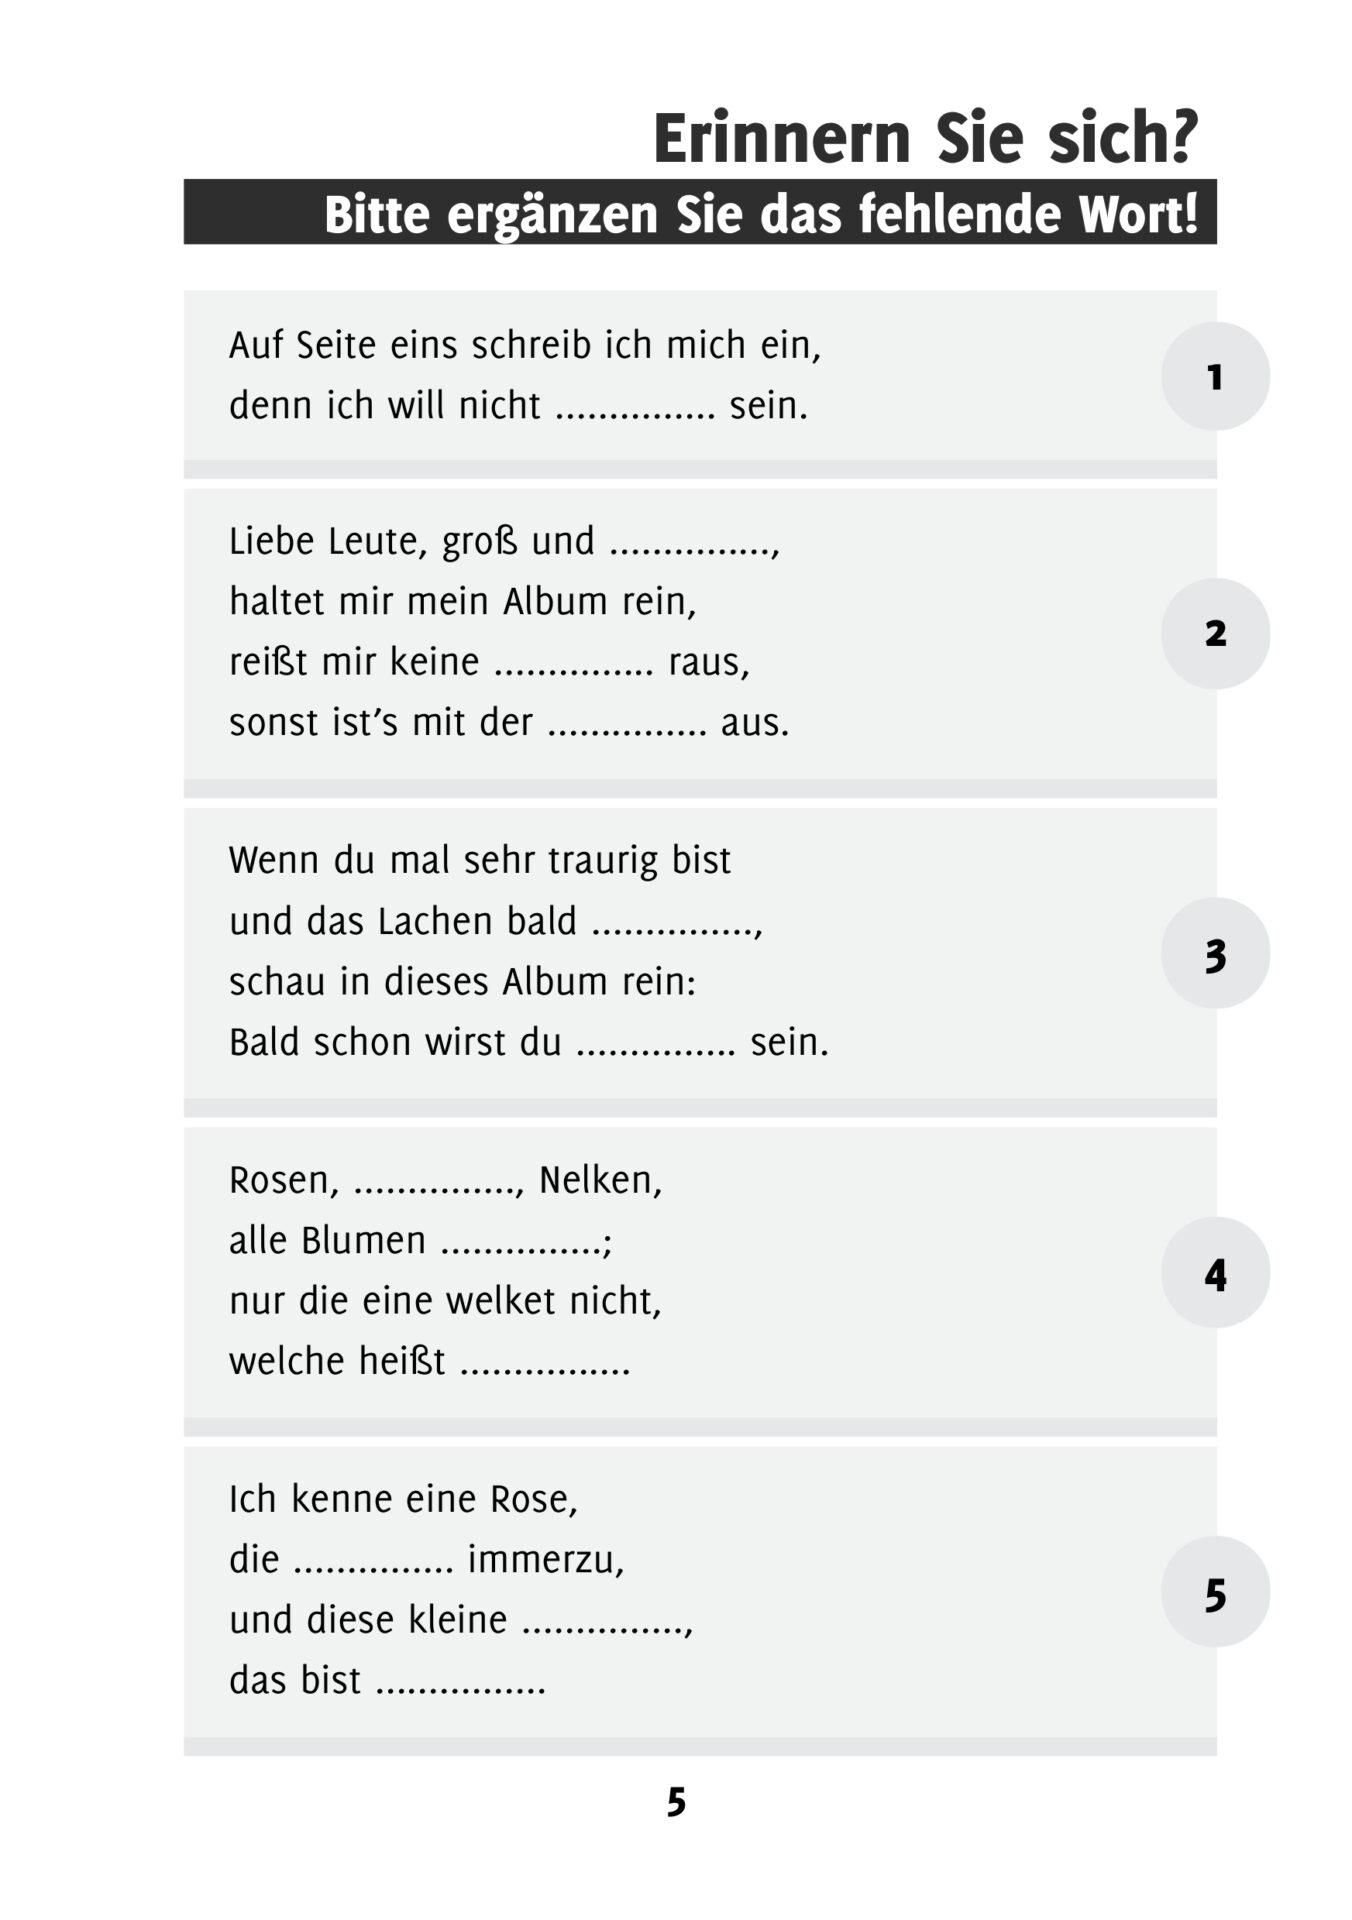 Erinnern Sie Sich Poesiealbum Sprüche Einfaches Gedächtnistraining Durch Wortergänzungen Band 5